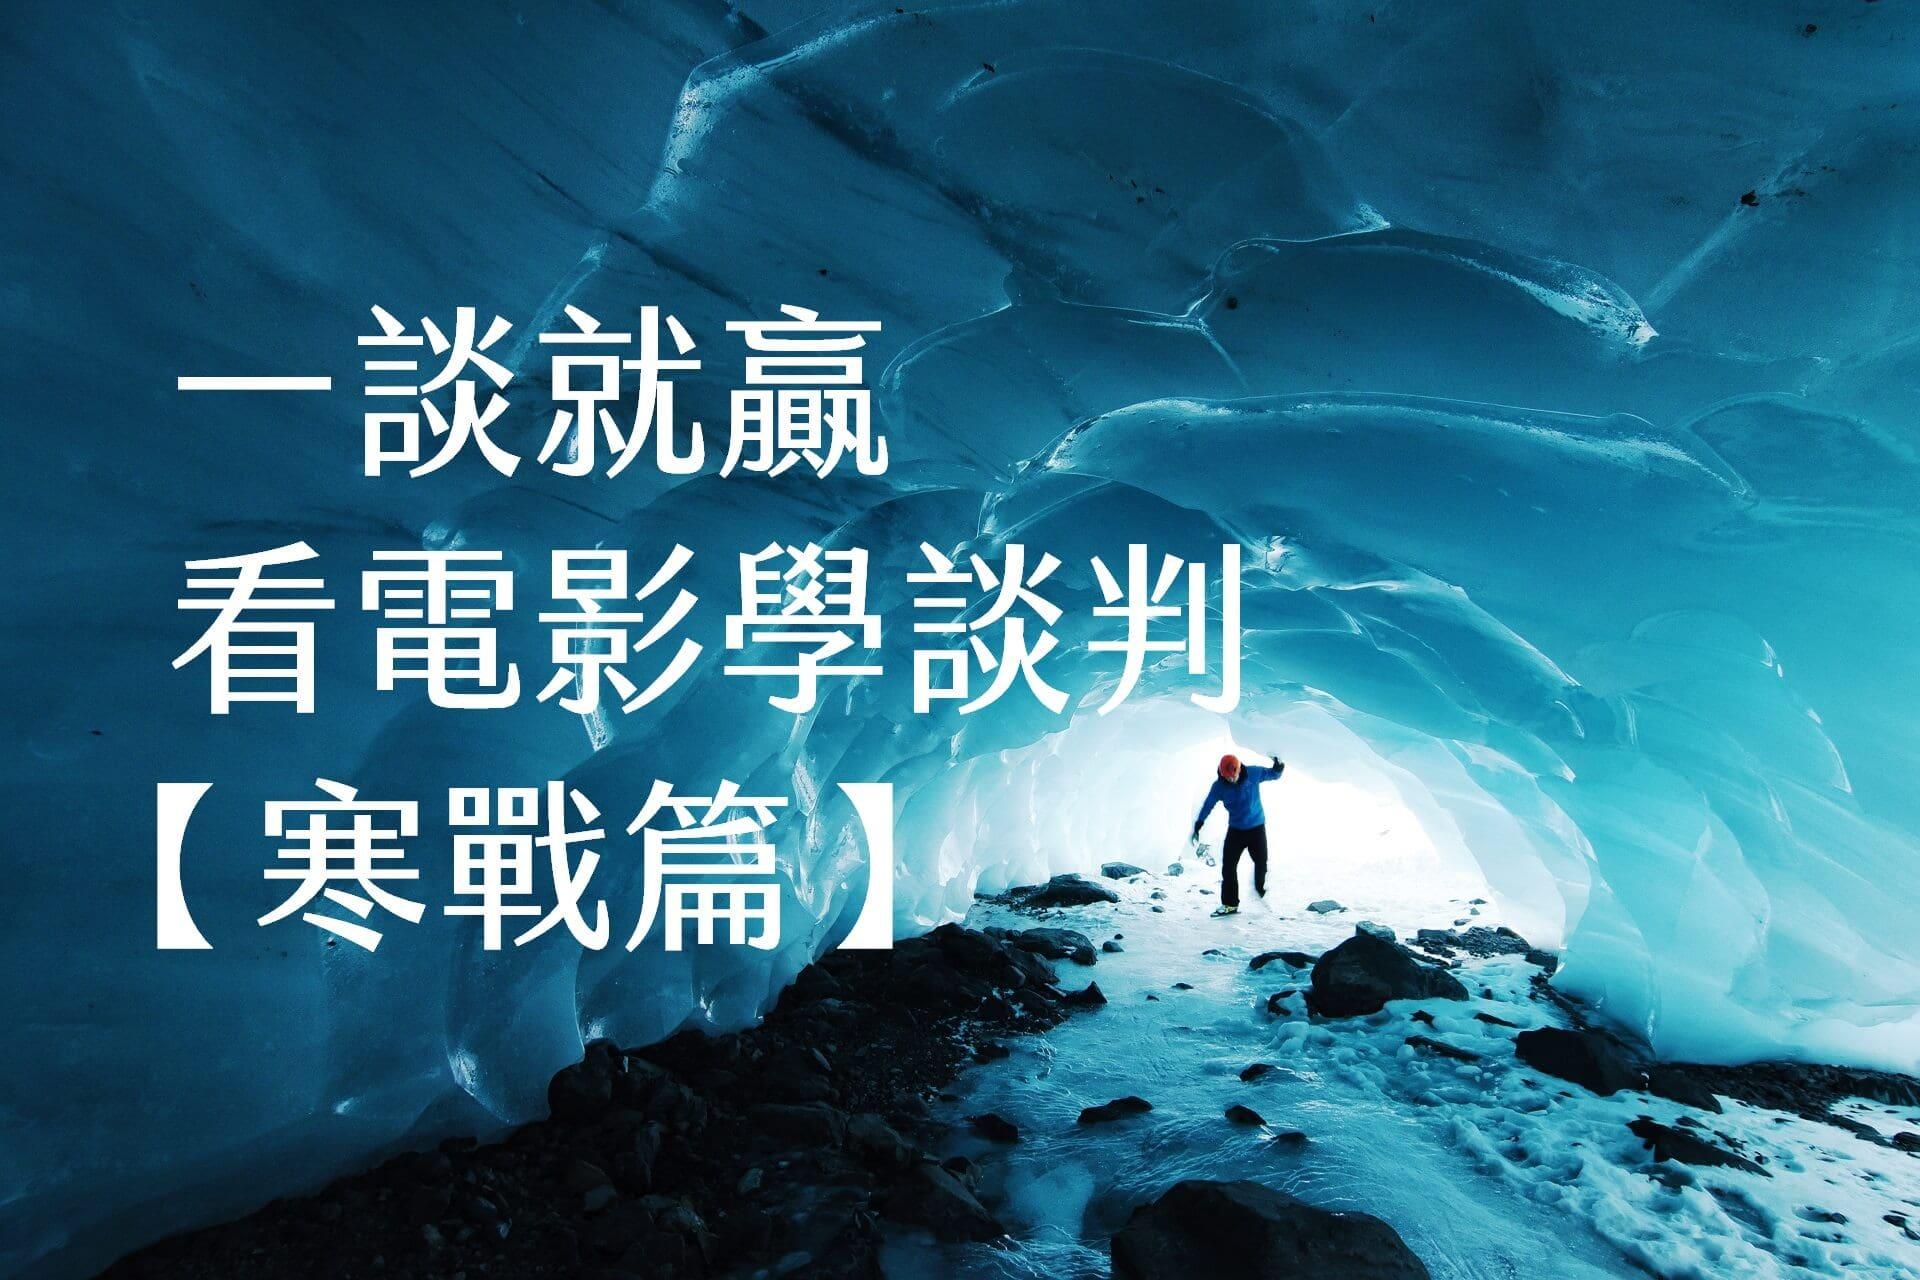 【嘉鴻進修】一談就贏看電影學談判 - 寒戰 1